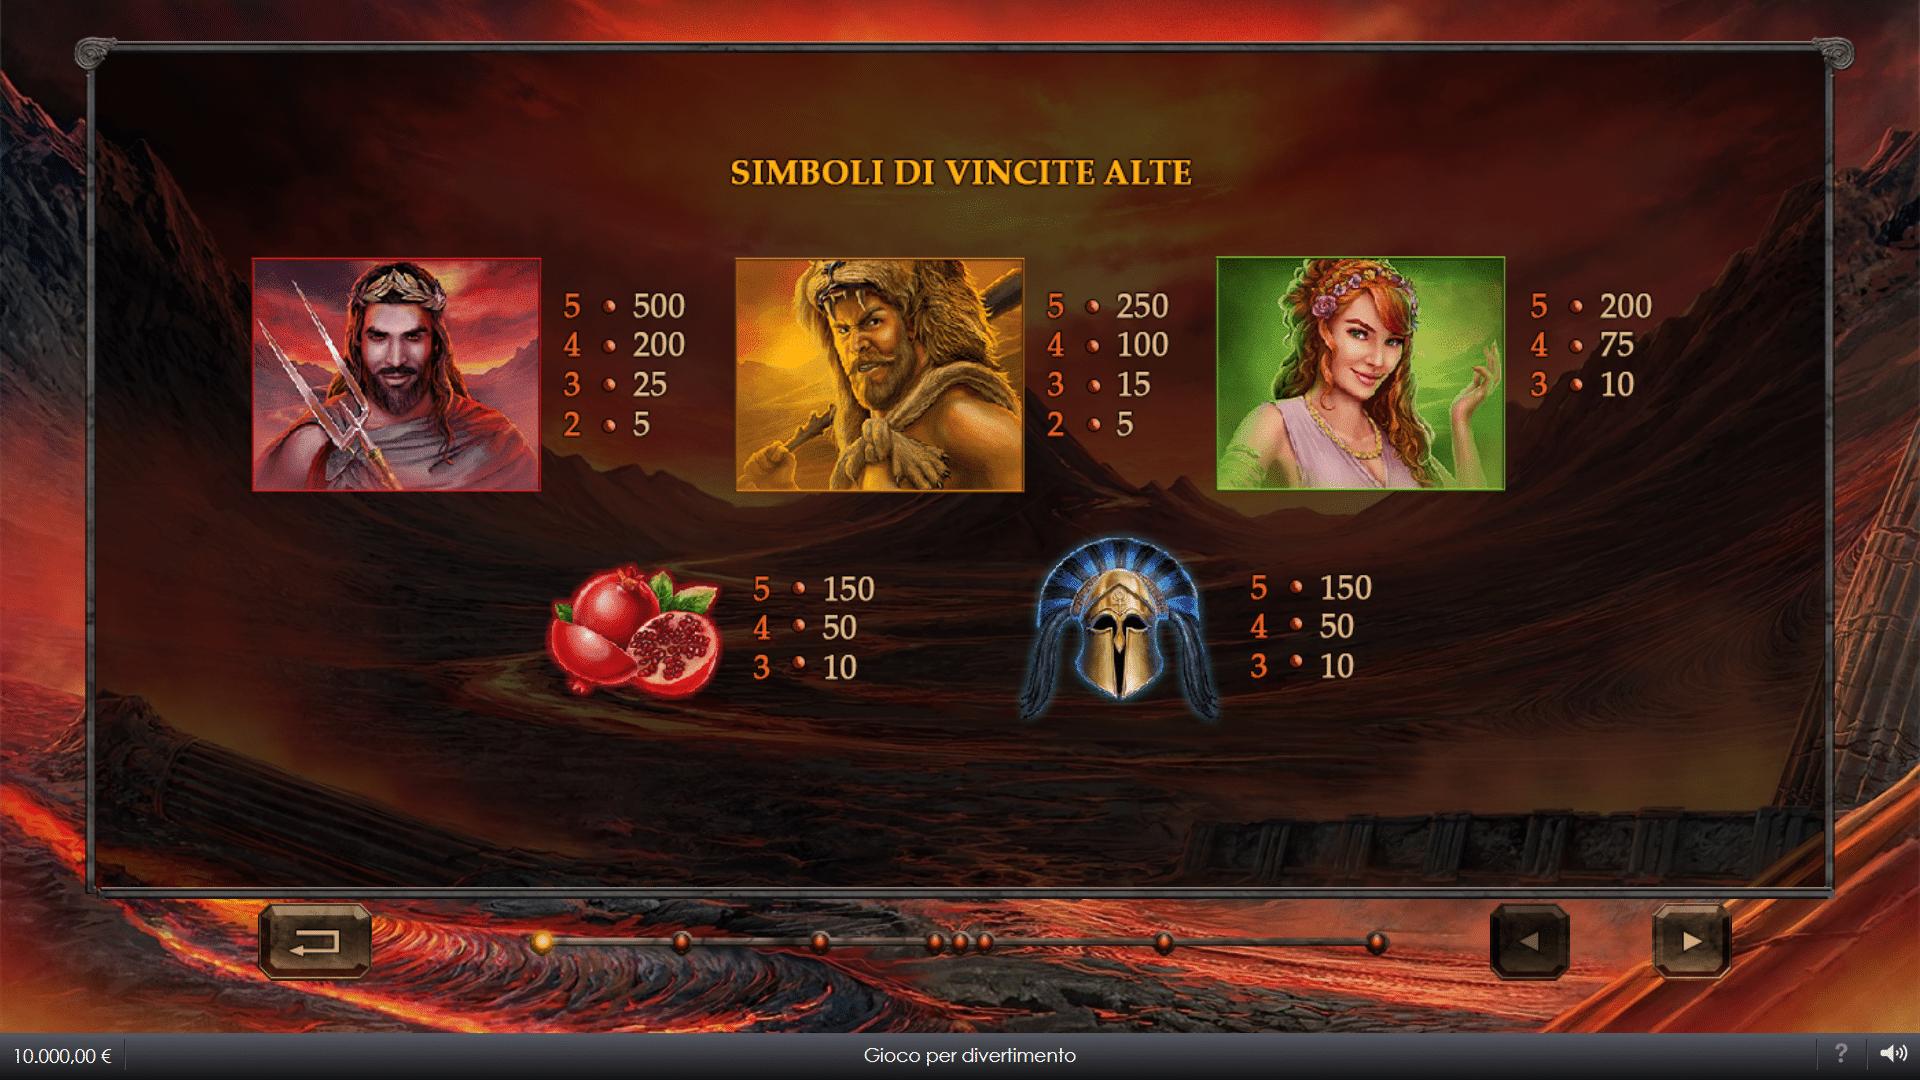 Tabella Pagamenti Slot gratis Age Of The Gods: Ruler Of The Dead